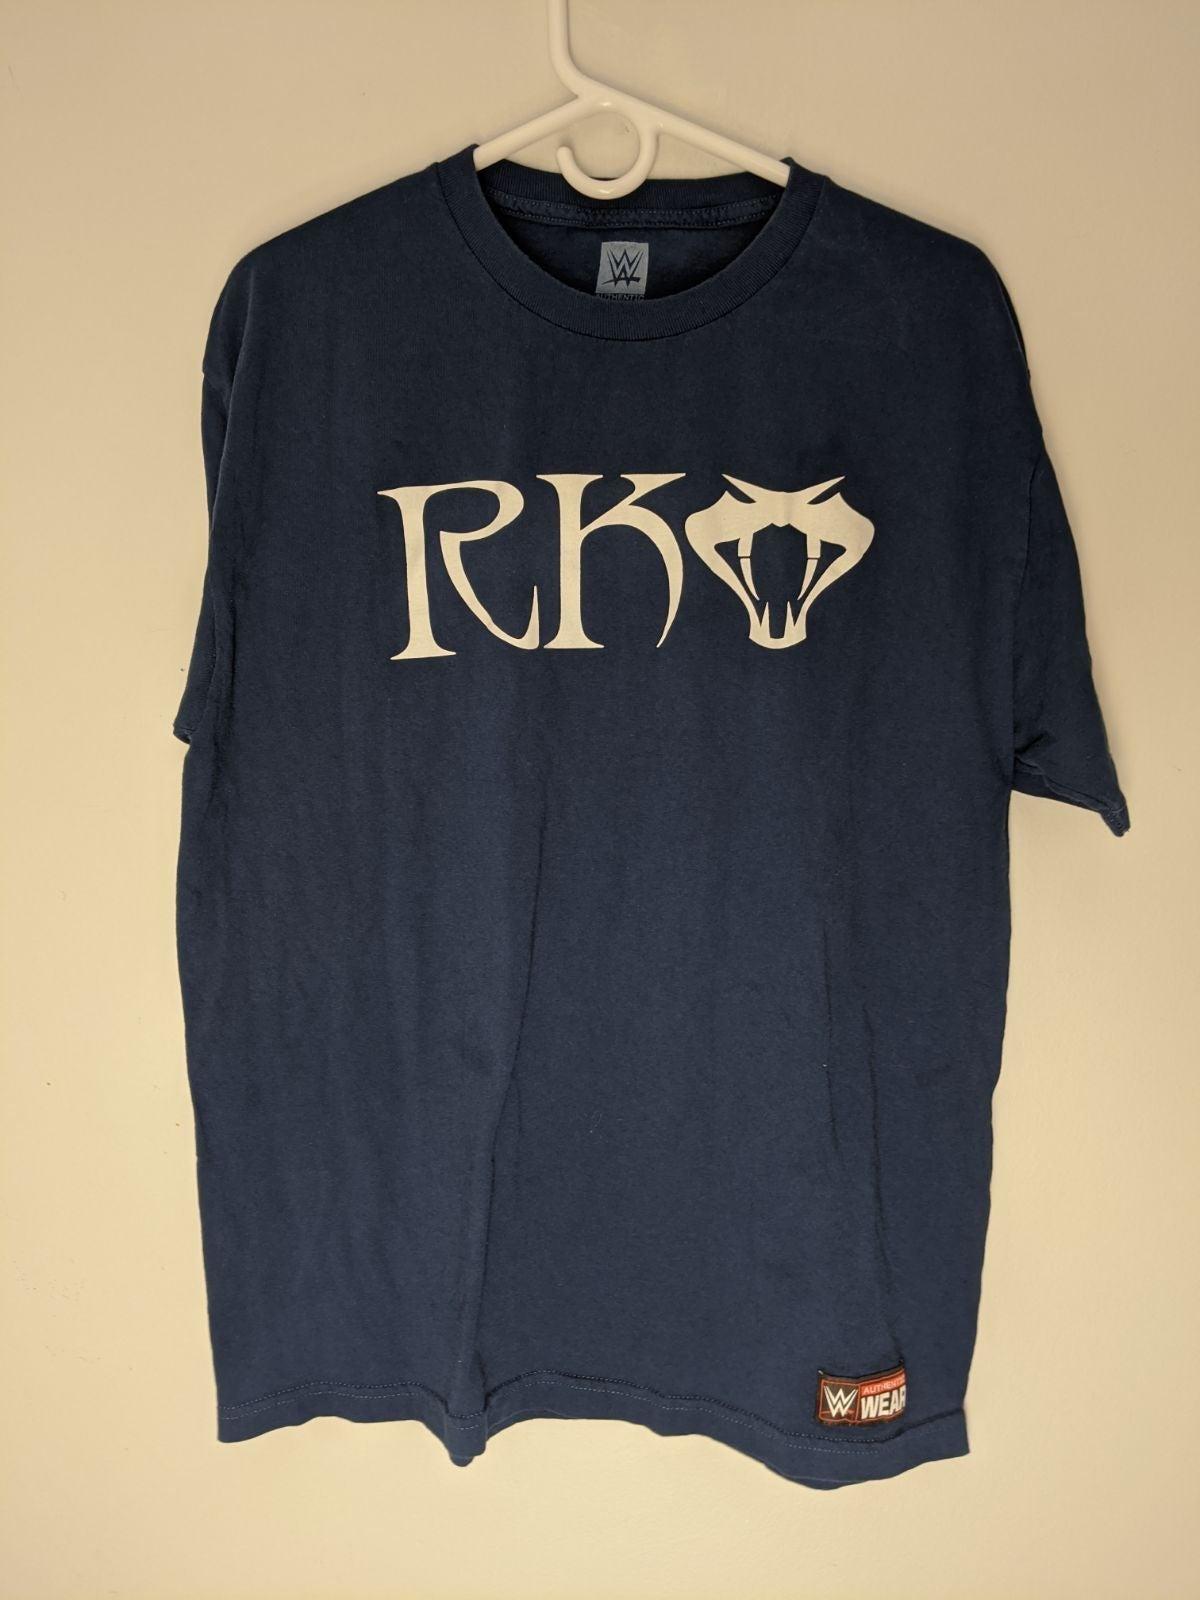 Randy Orton RKO WWE L Tshirt